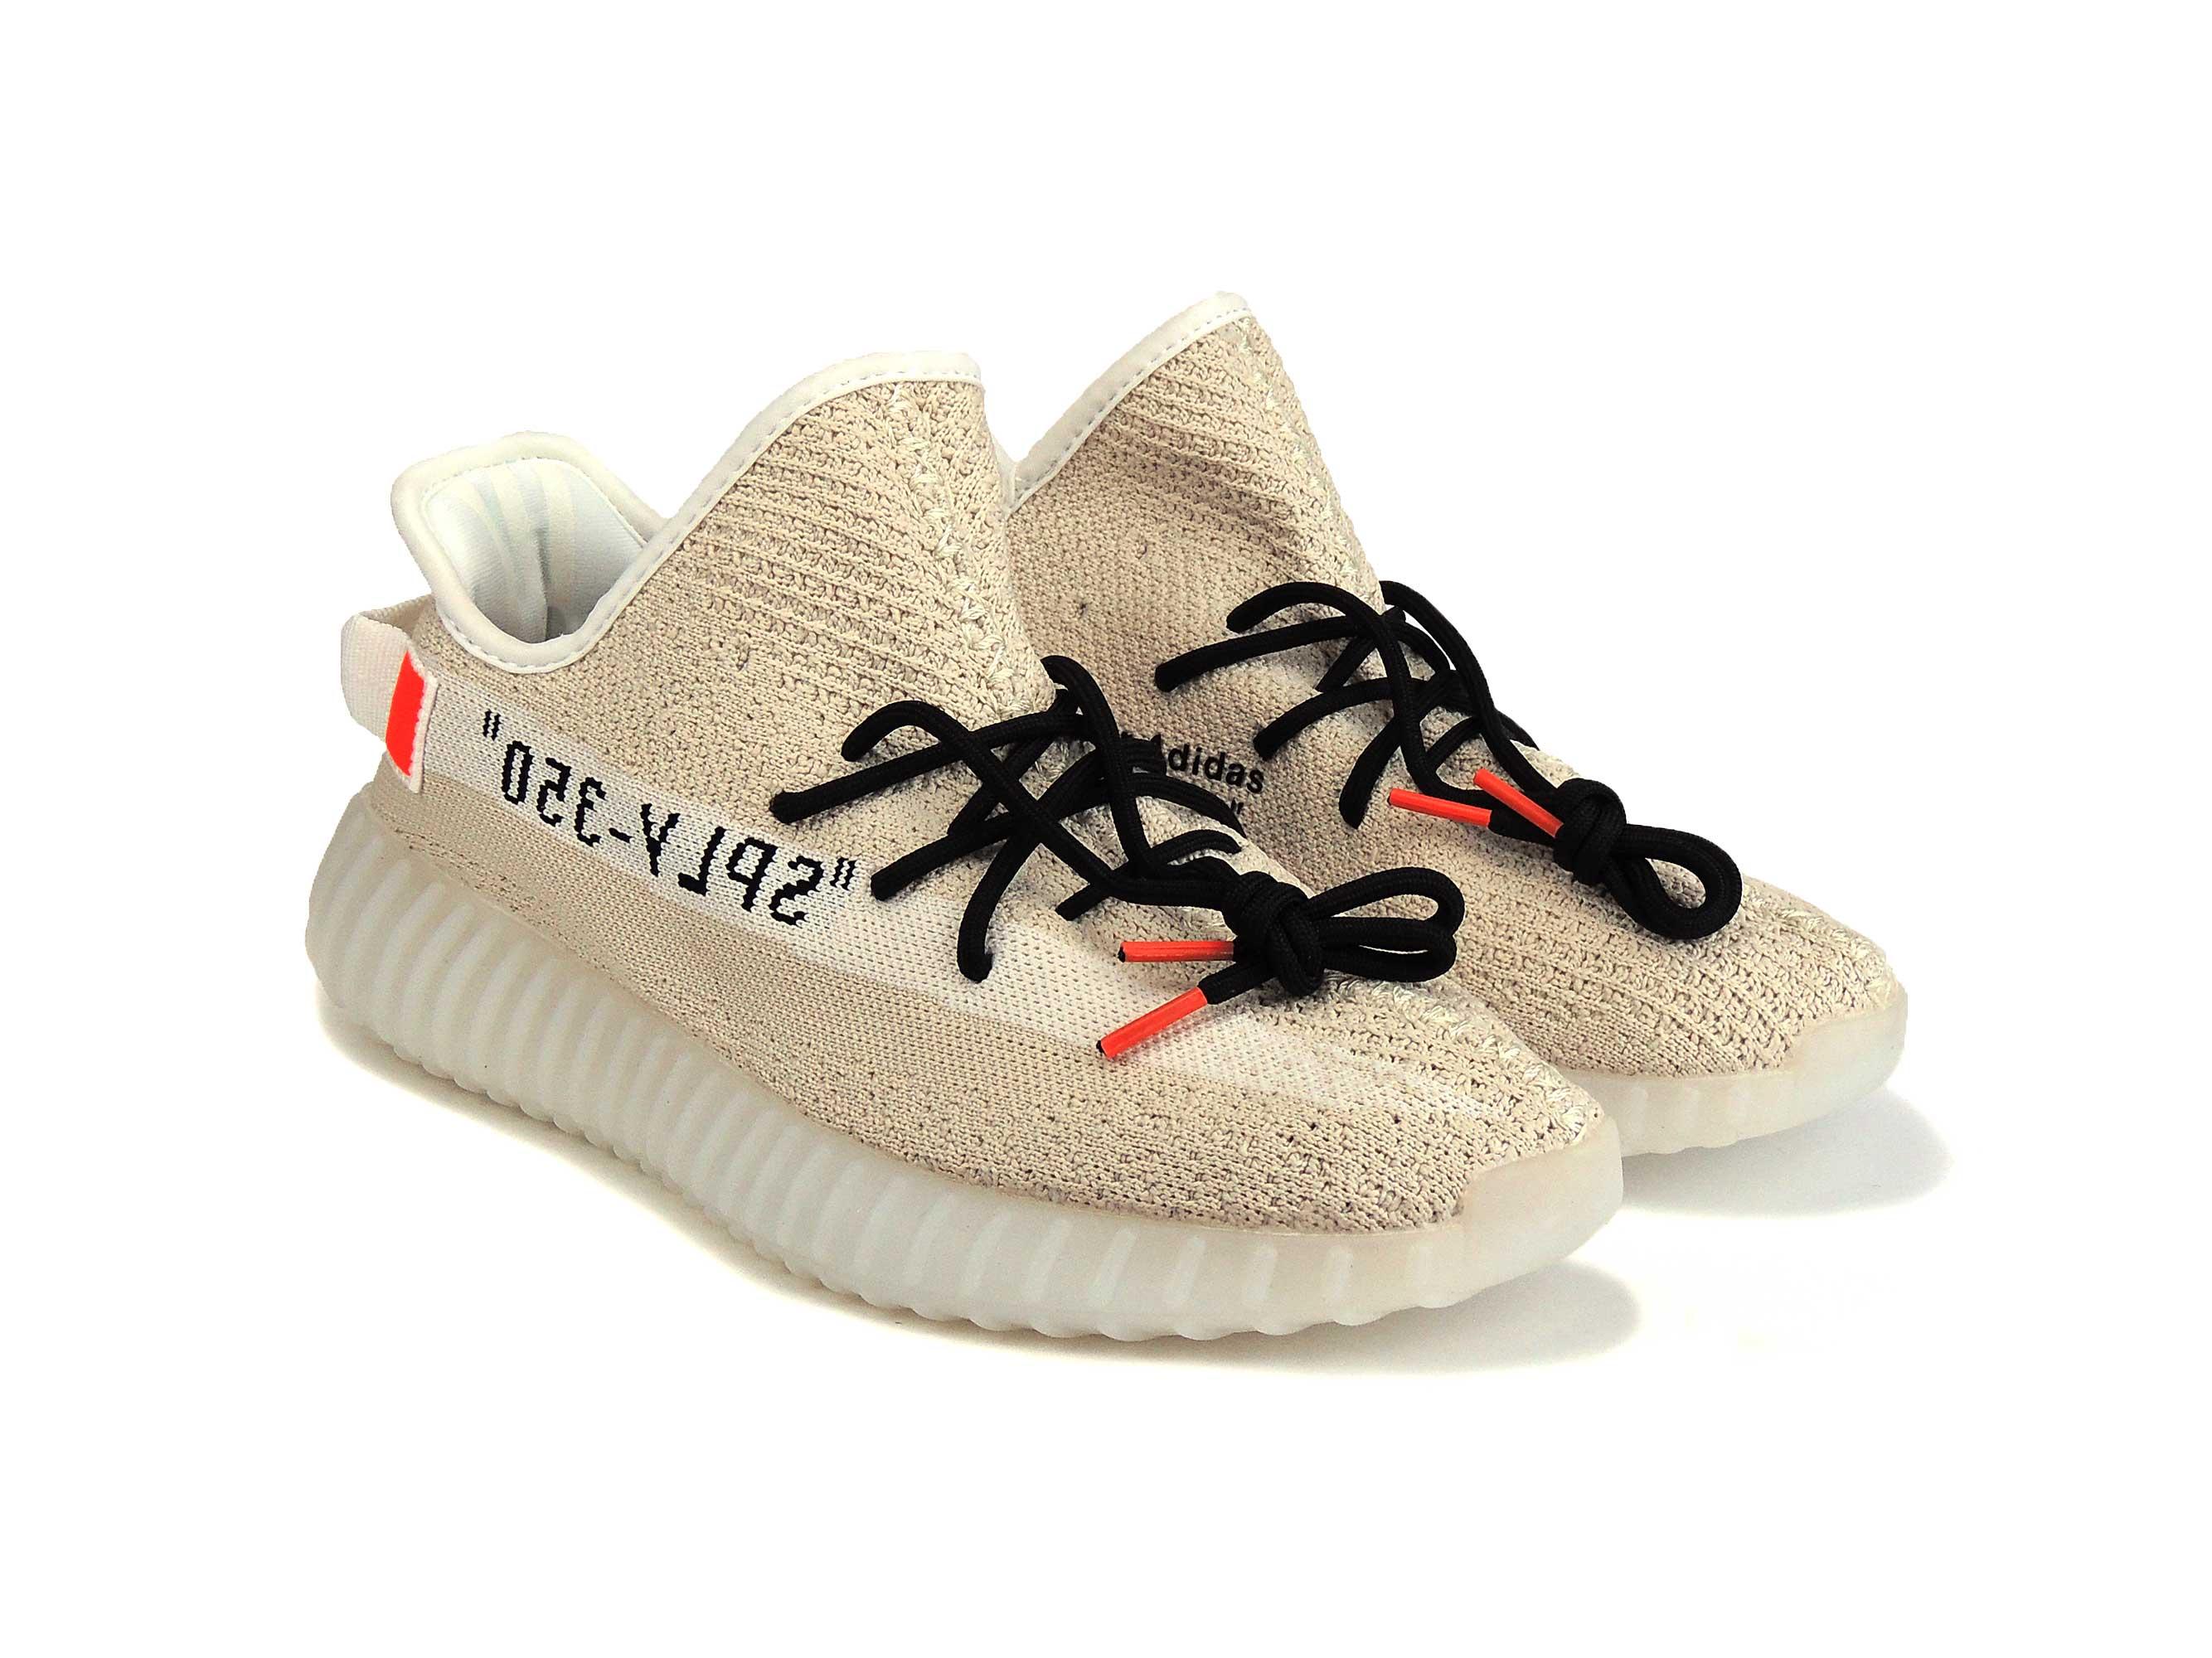 45f639ae097 off white x adidas yeezy boost 350 v2 custom ⋆ adidas интернет магазин